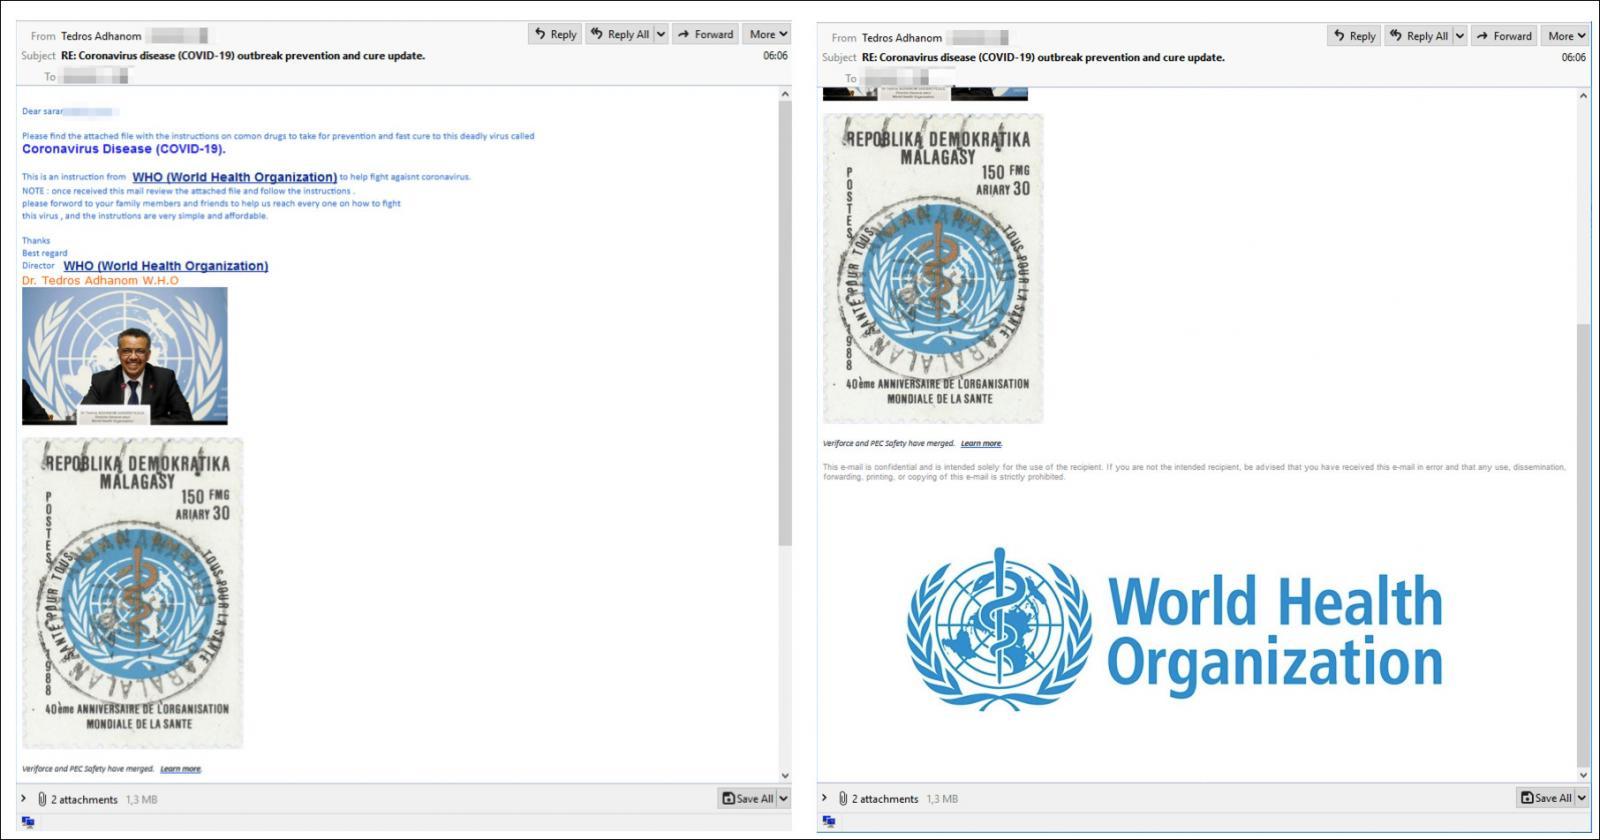 网络钓鱼电子邮件示例